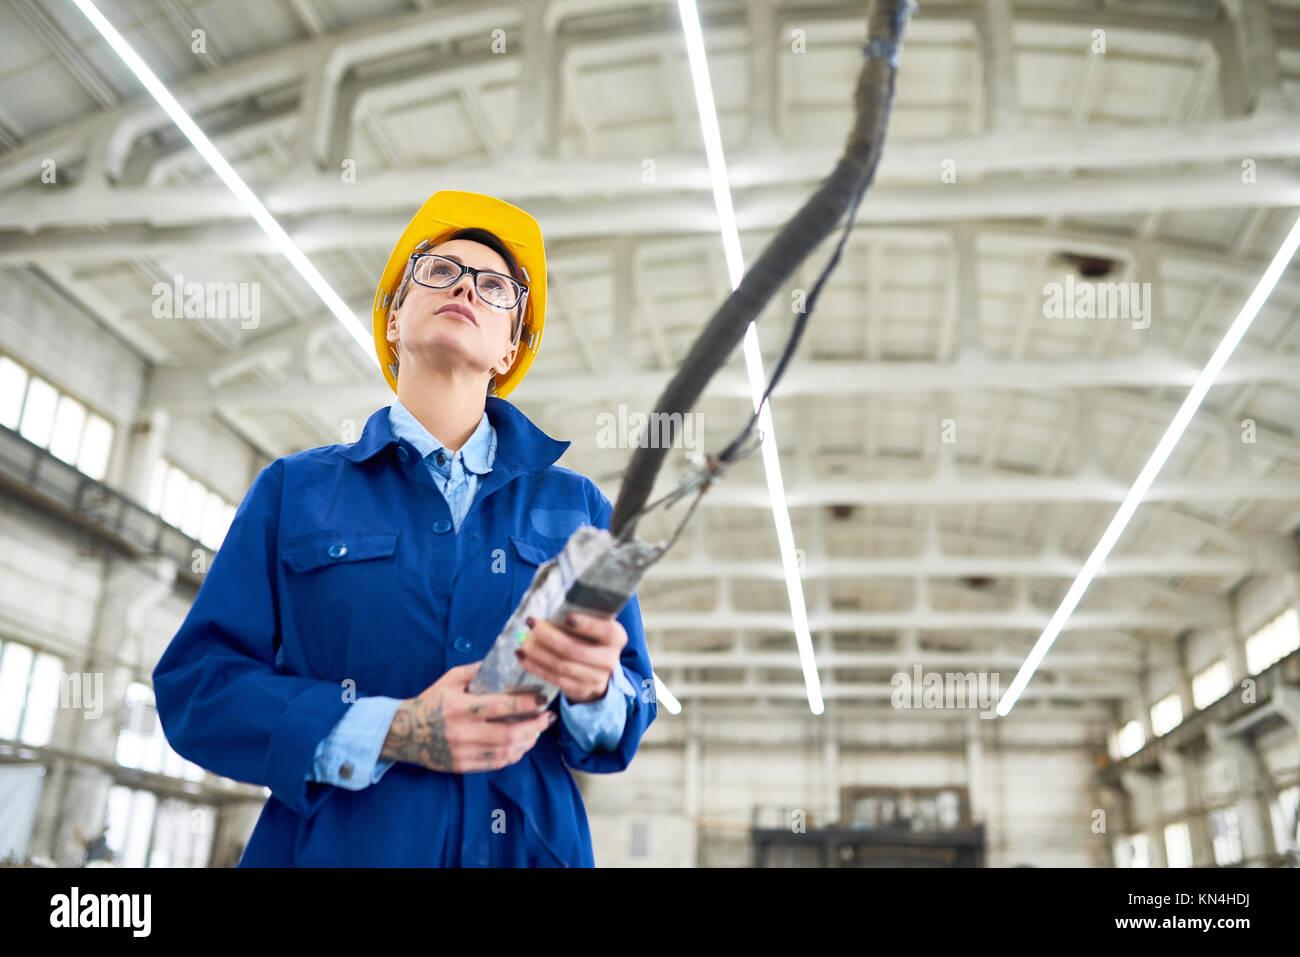 Portrait von ziemlich Maschinenbediener bei der Arbeit Stockbild